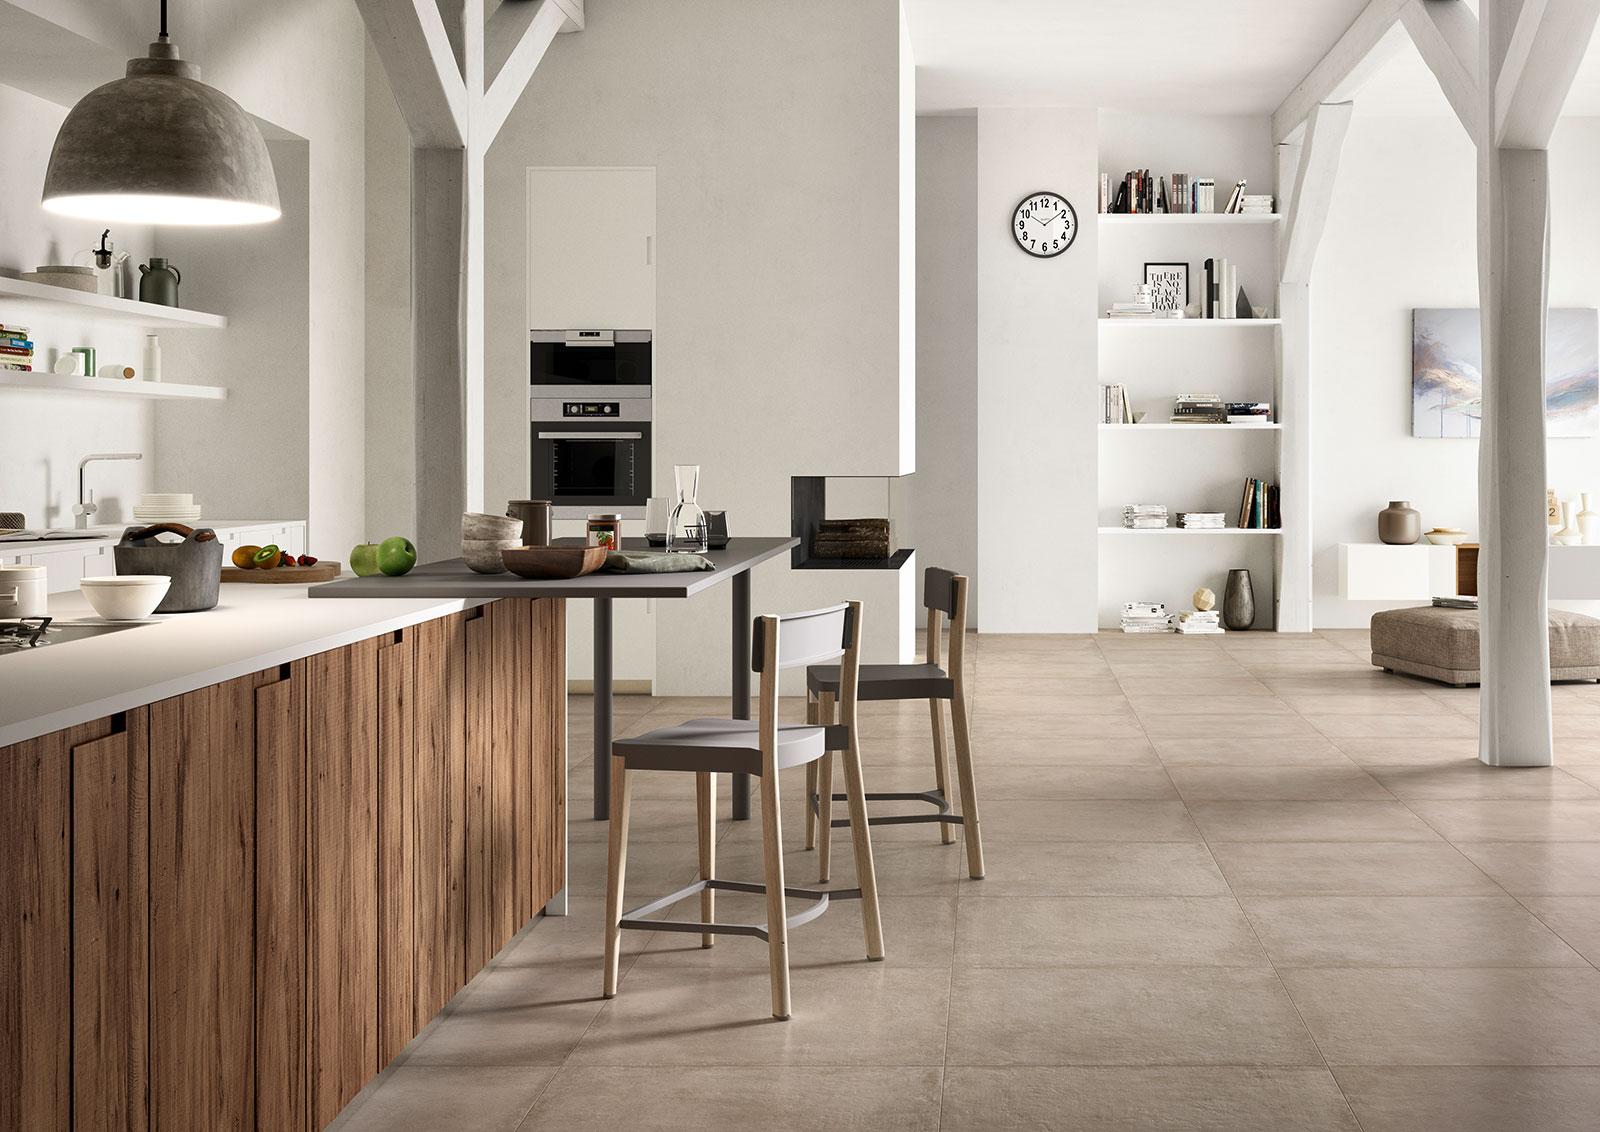 Arredo cucina moderna piccola : arredo cucina moderna piccola ...